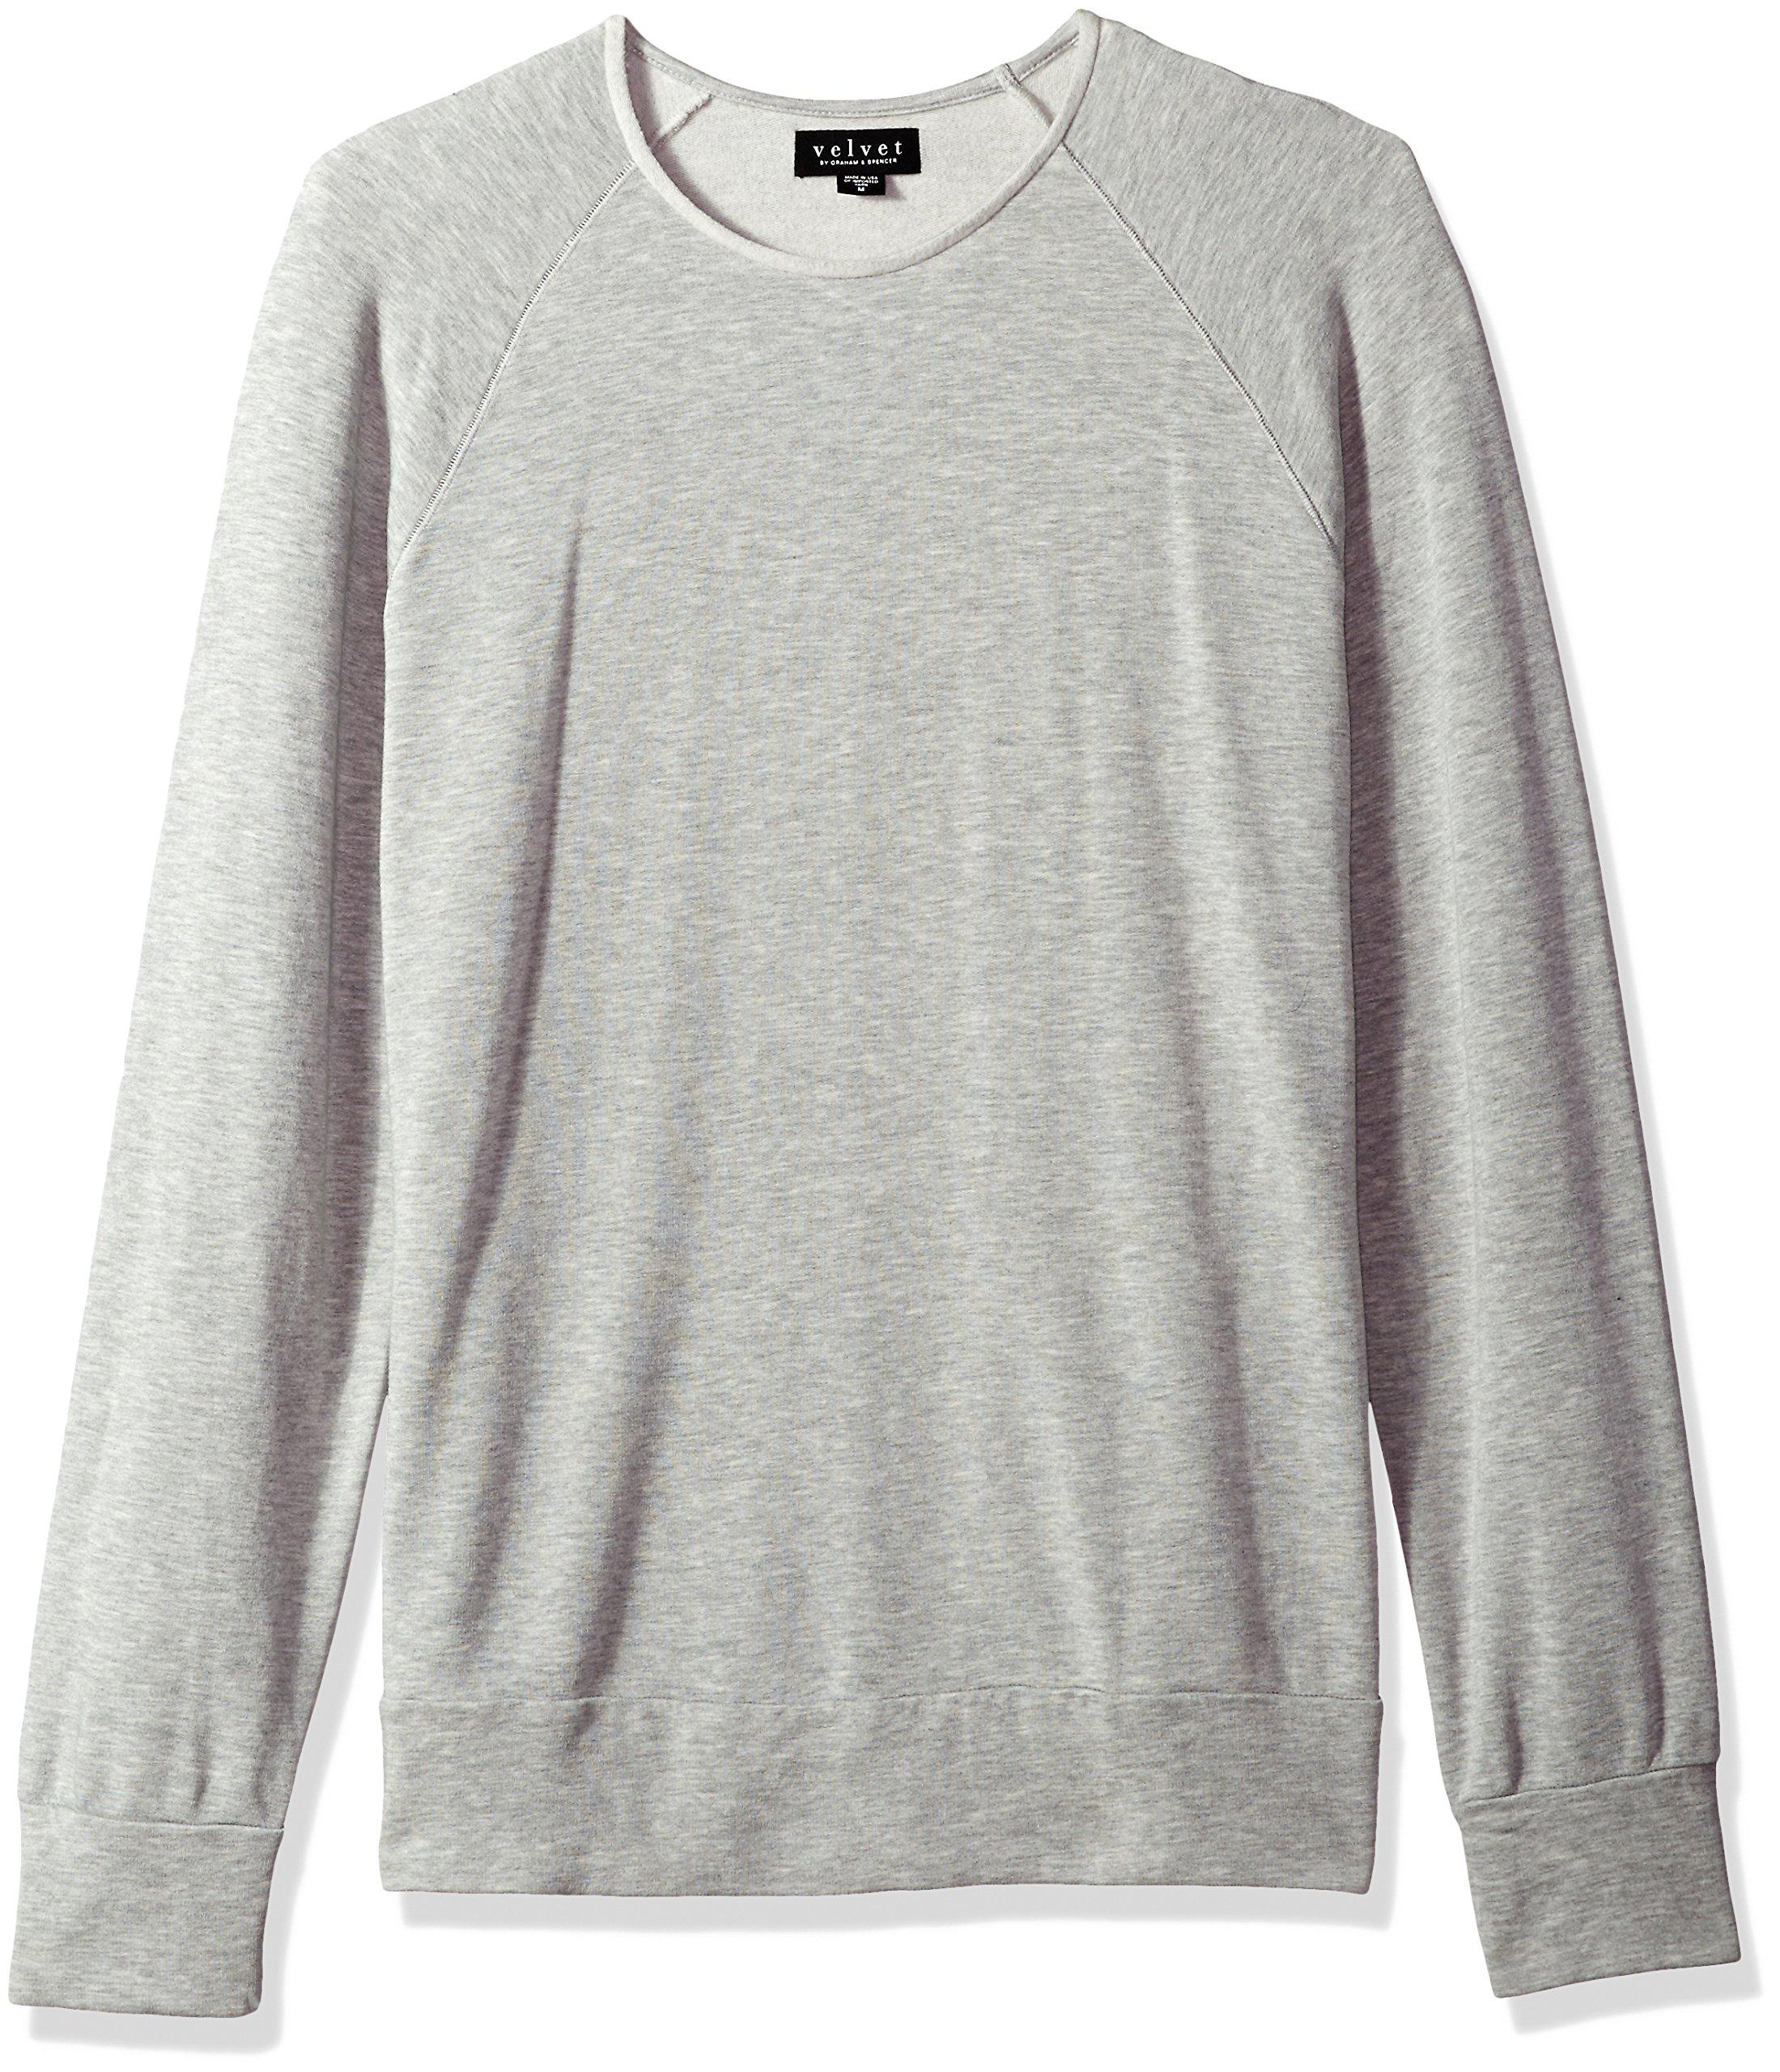 VELVET BY GRAHAM & SPENCER Men's Ovid Long Sleeve Sweater, Heather Grey, Small